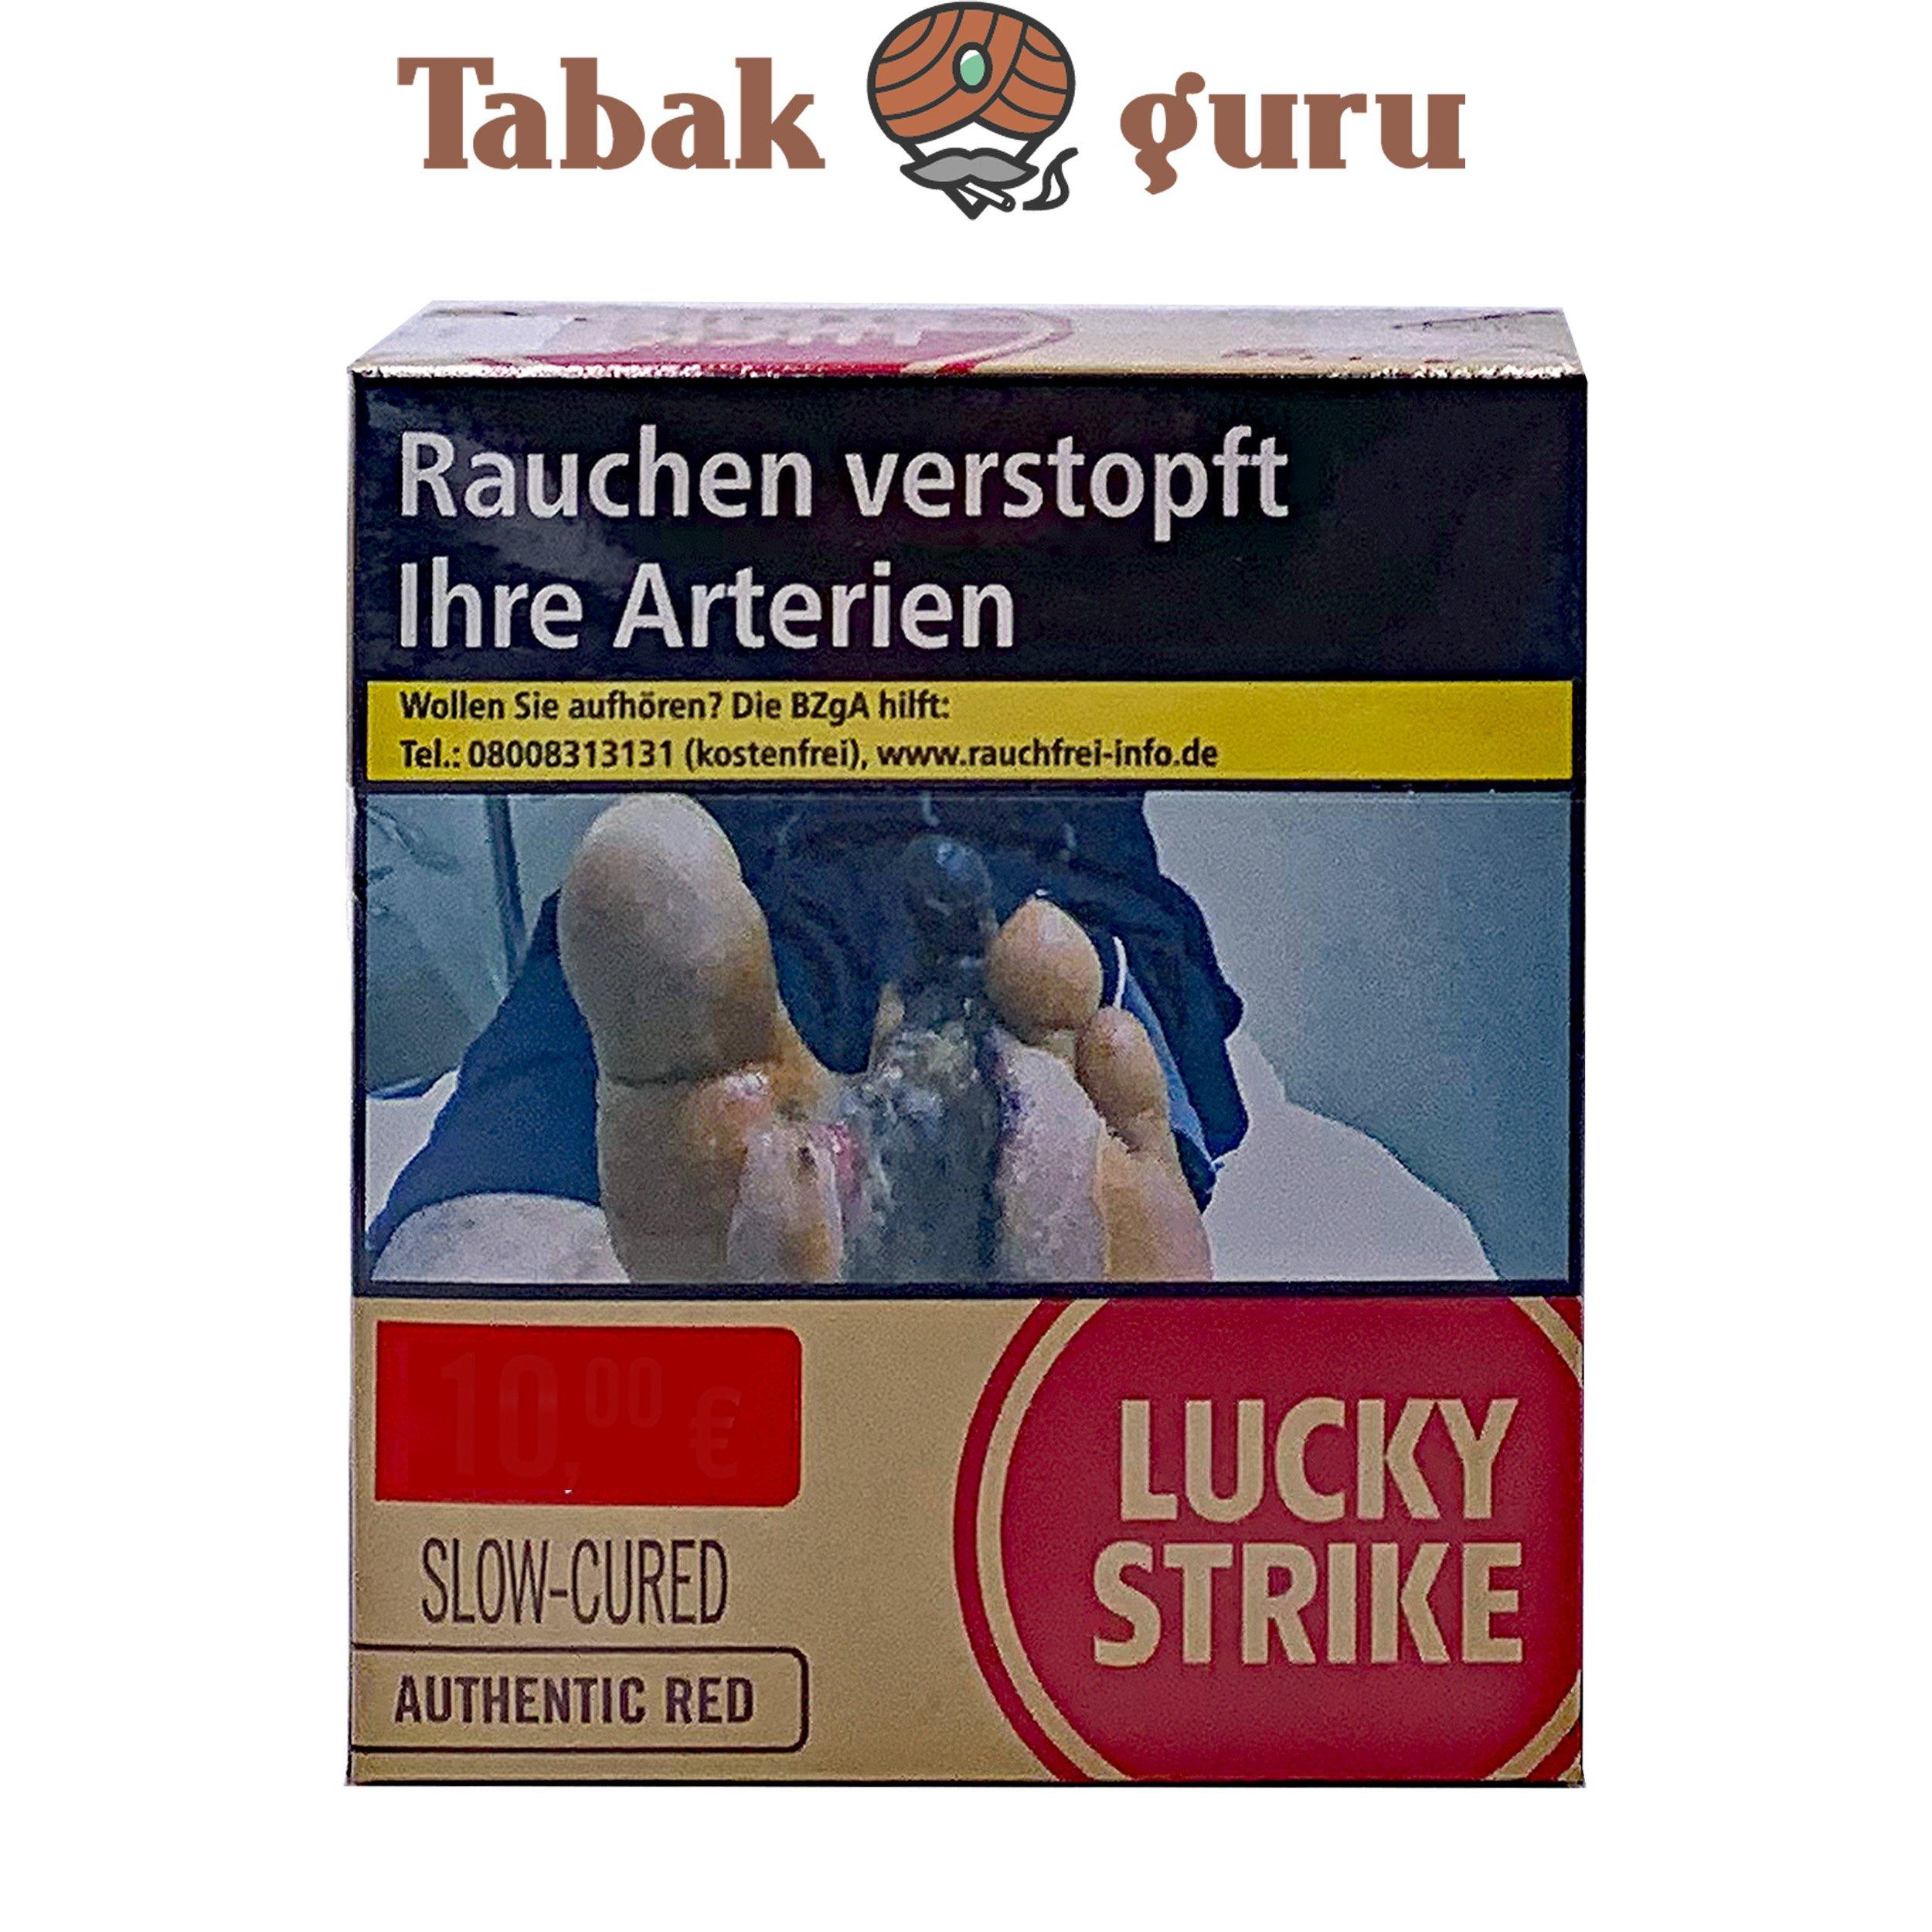 Lucky Strike Authentic Red Zigaretten Giga Box (ohne Zusätze) Inhalt 31 Stück